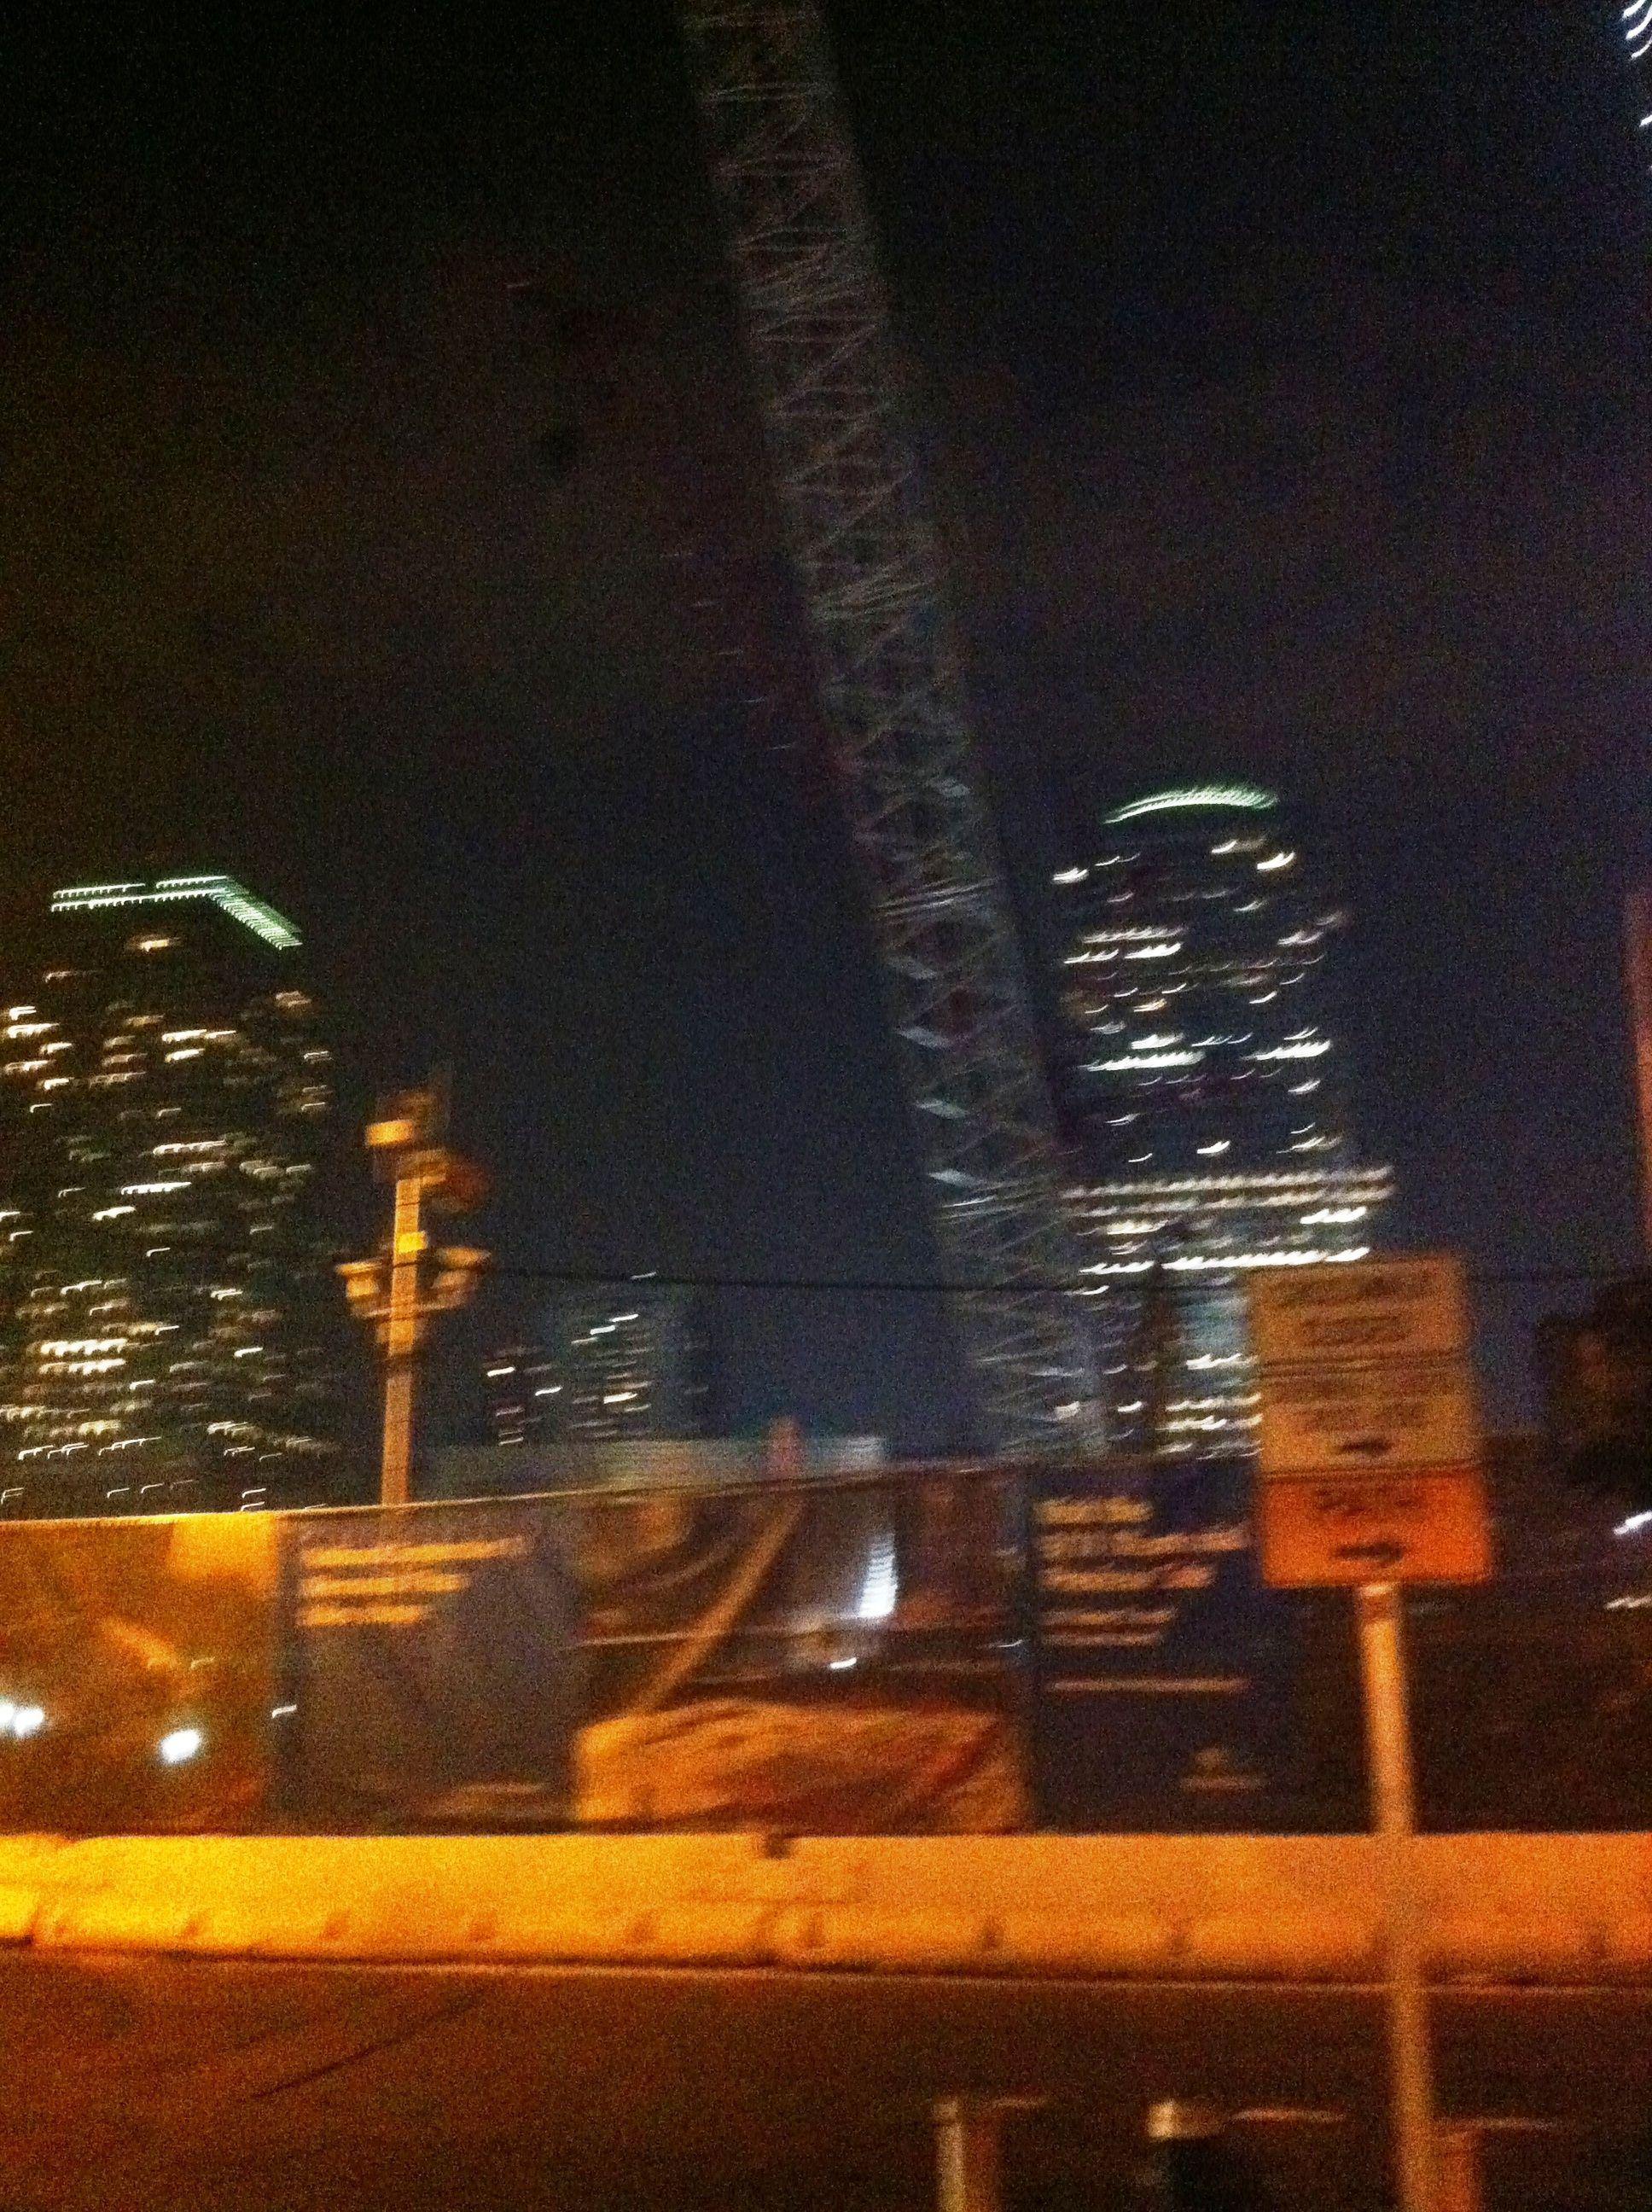 Ground Zero being reborn